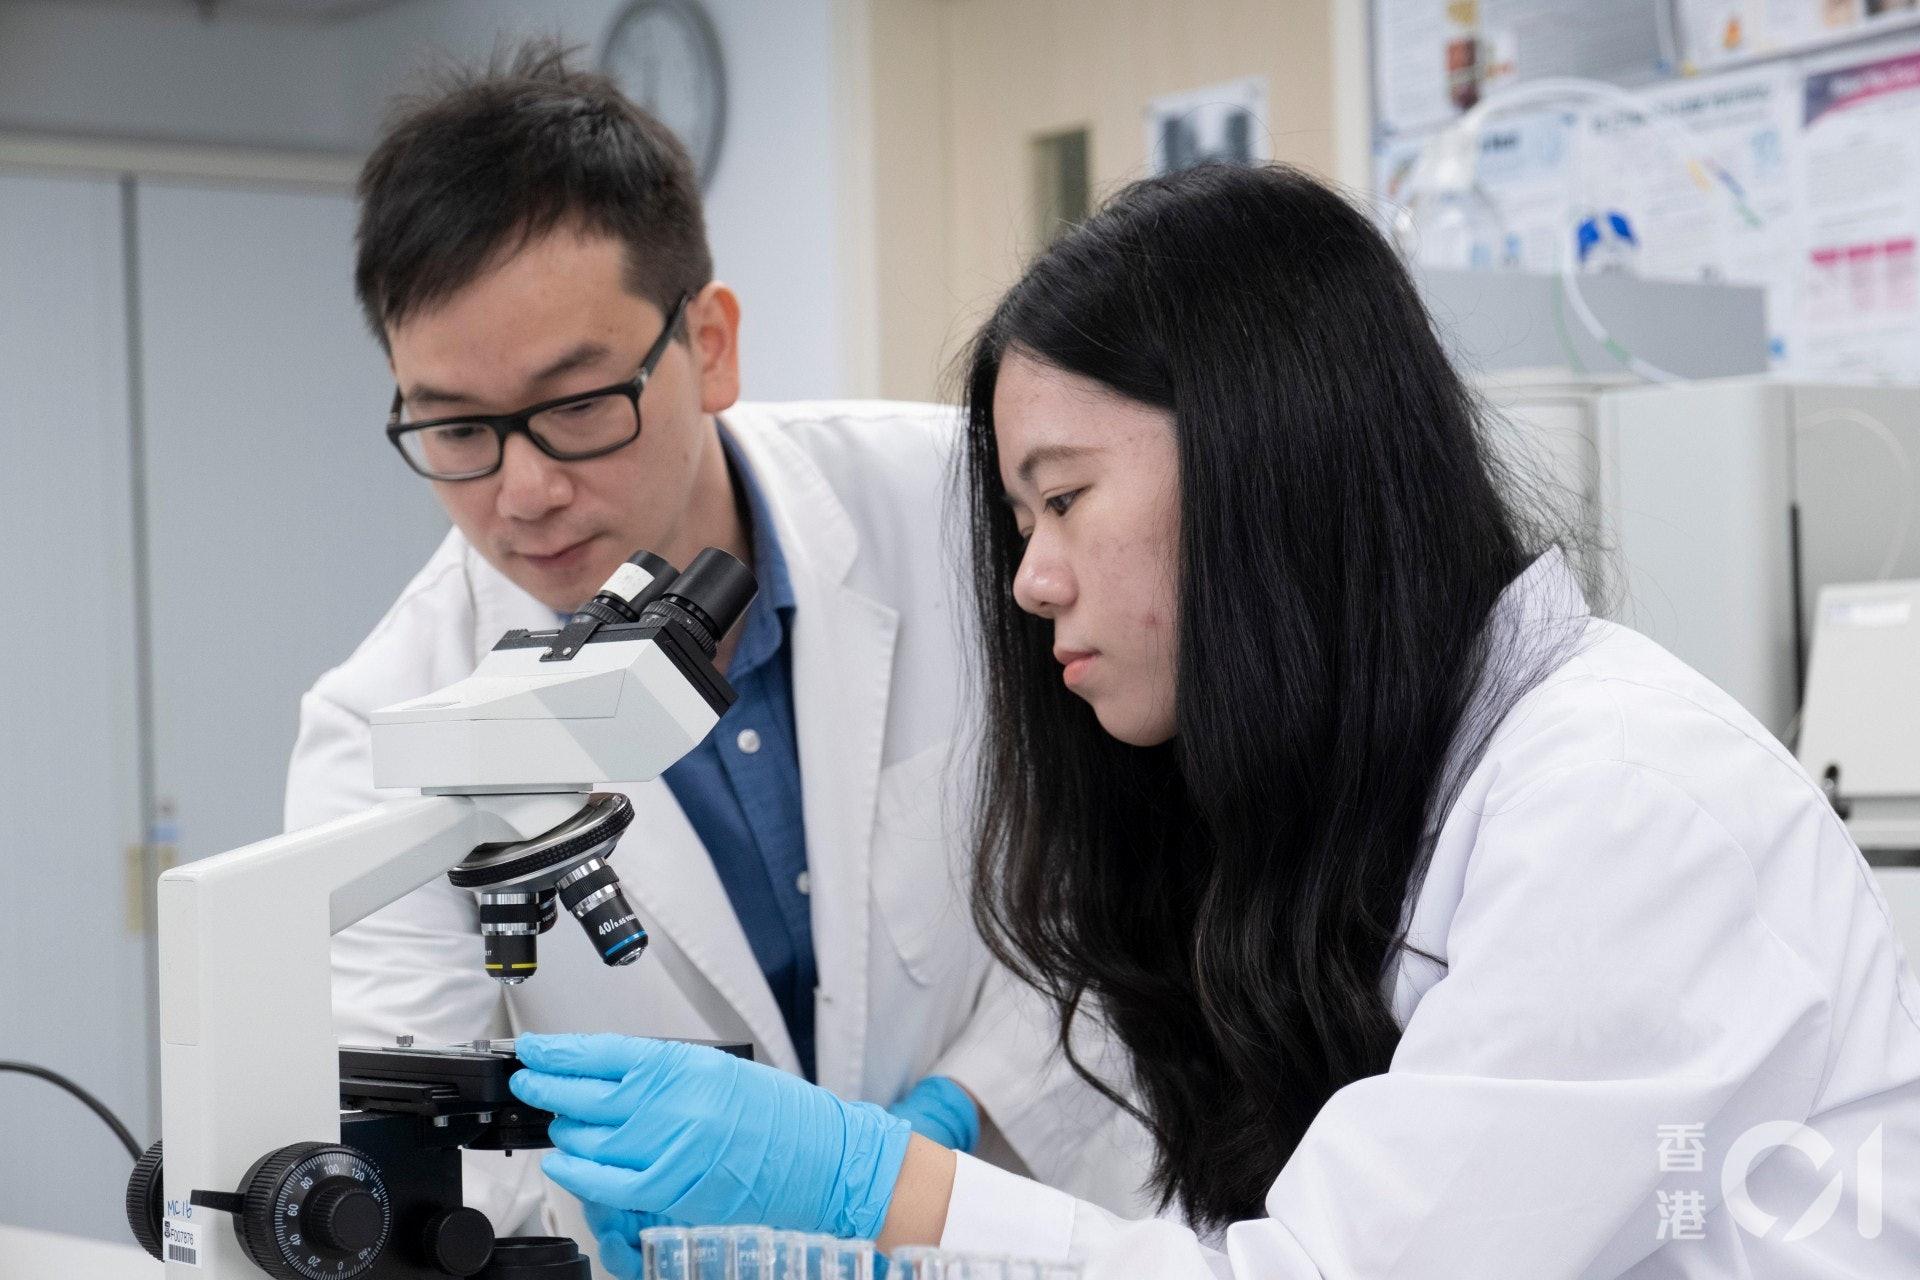 根据学院资料,生物医学科学副学士课程2019年毕业生的总升学率为87%,当中升读政府资助学士学位课程的比率为71%。(罗君豪摄)